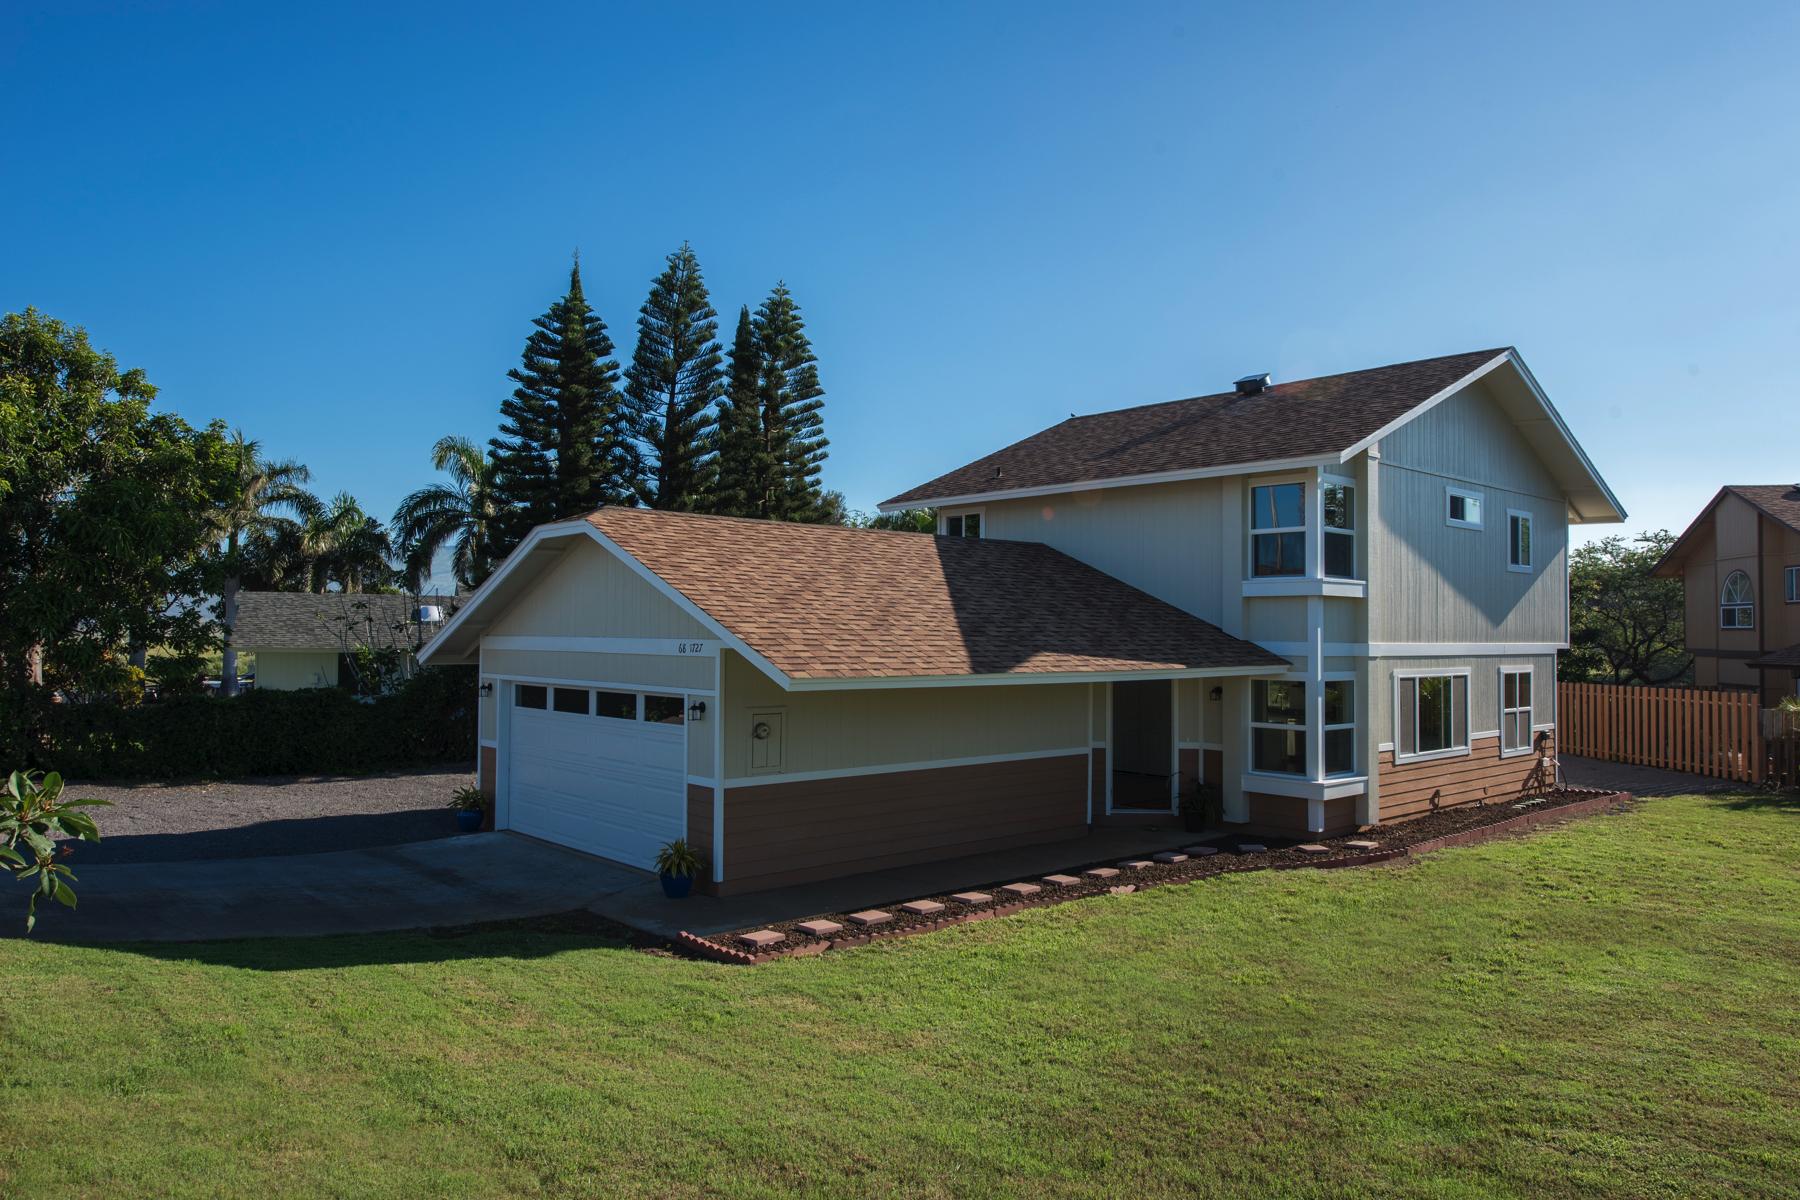 独户住宅 为 销售 在 Pheasant Ridge at Waikoloa 68-1727 Hulukoa Pl 威克洛亚, 夏威夷 96738 美国